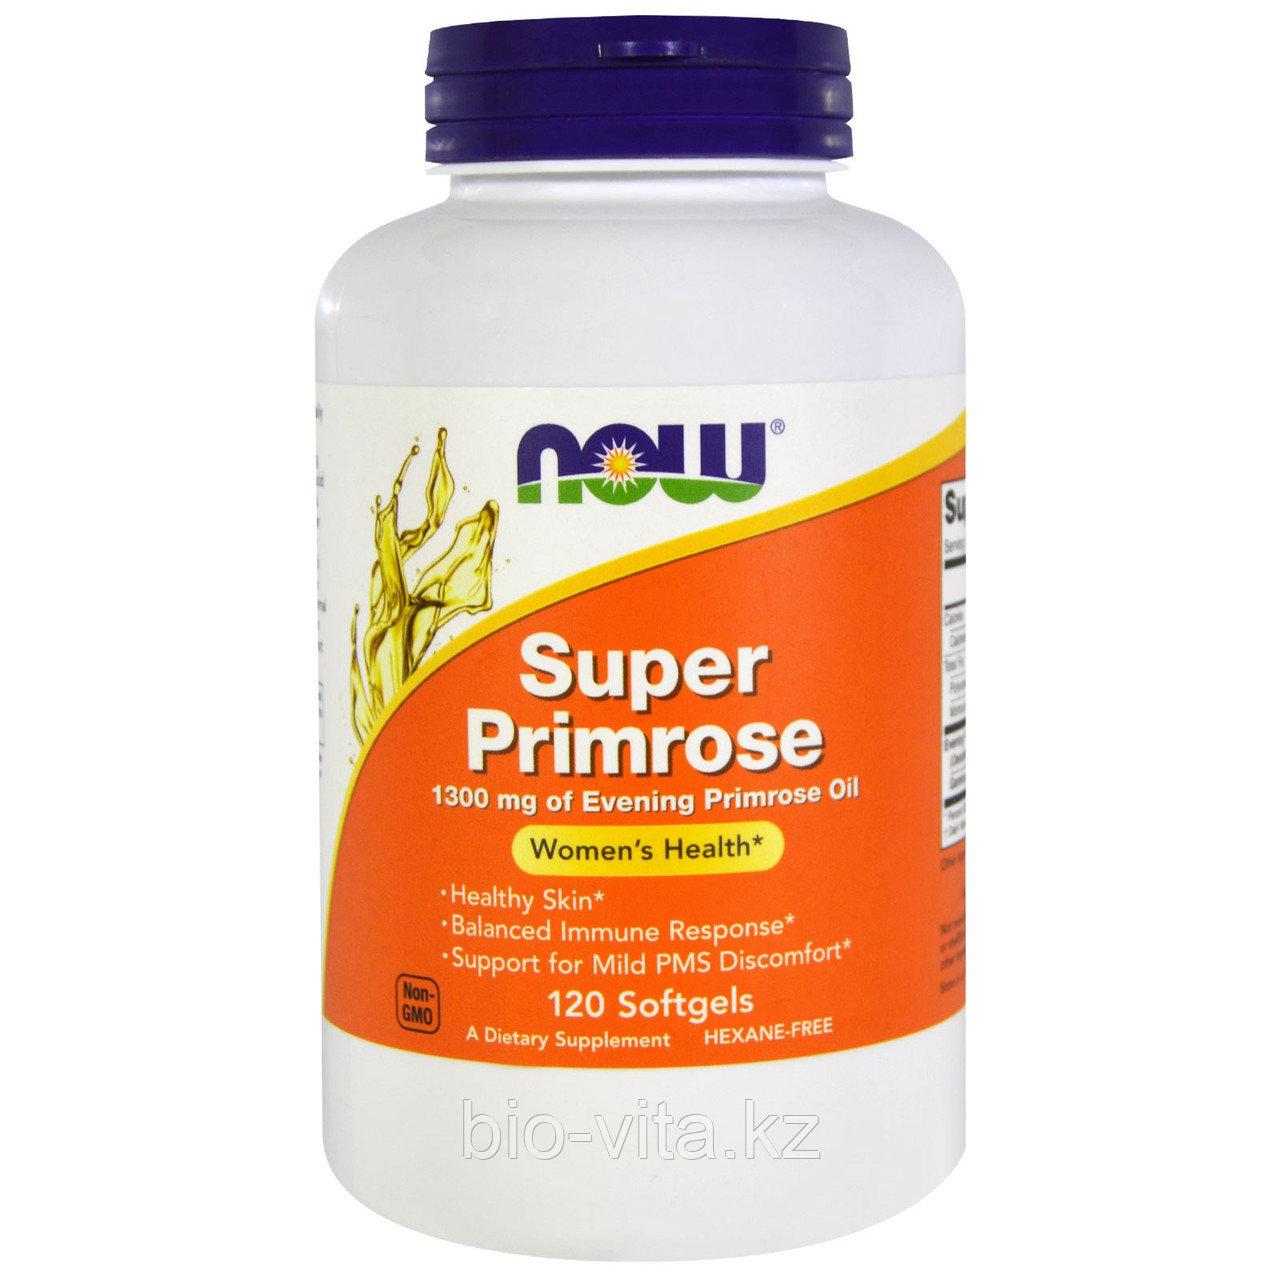 Now Foods, Супер примула 1300 мг. в 1 капсуле, масло примулы вечерней, 120 капсул. БЕСПЛАТНАЯ ДОСТАВКА